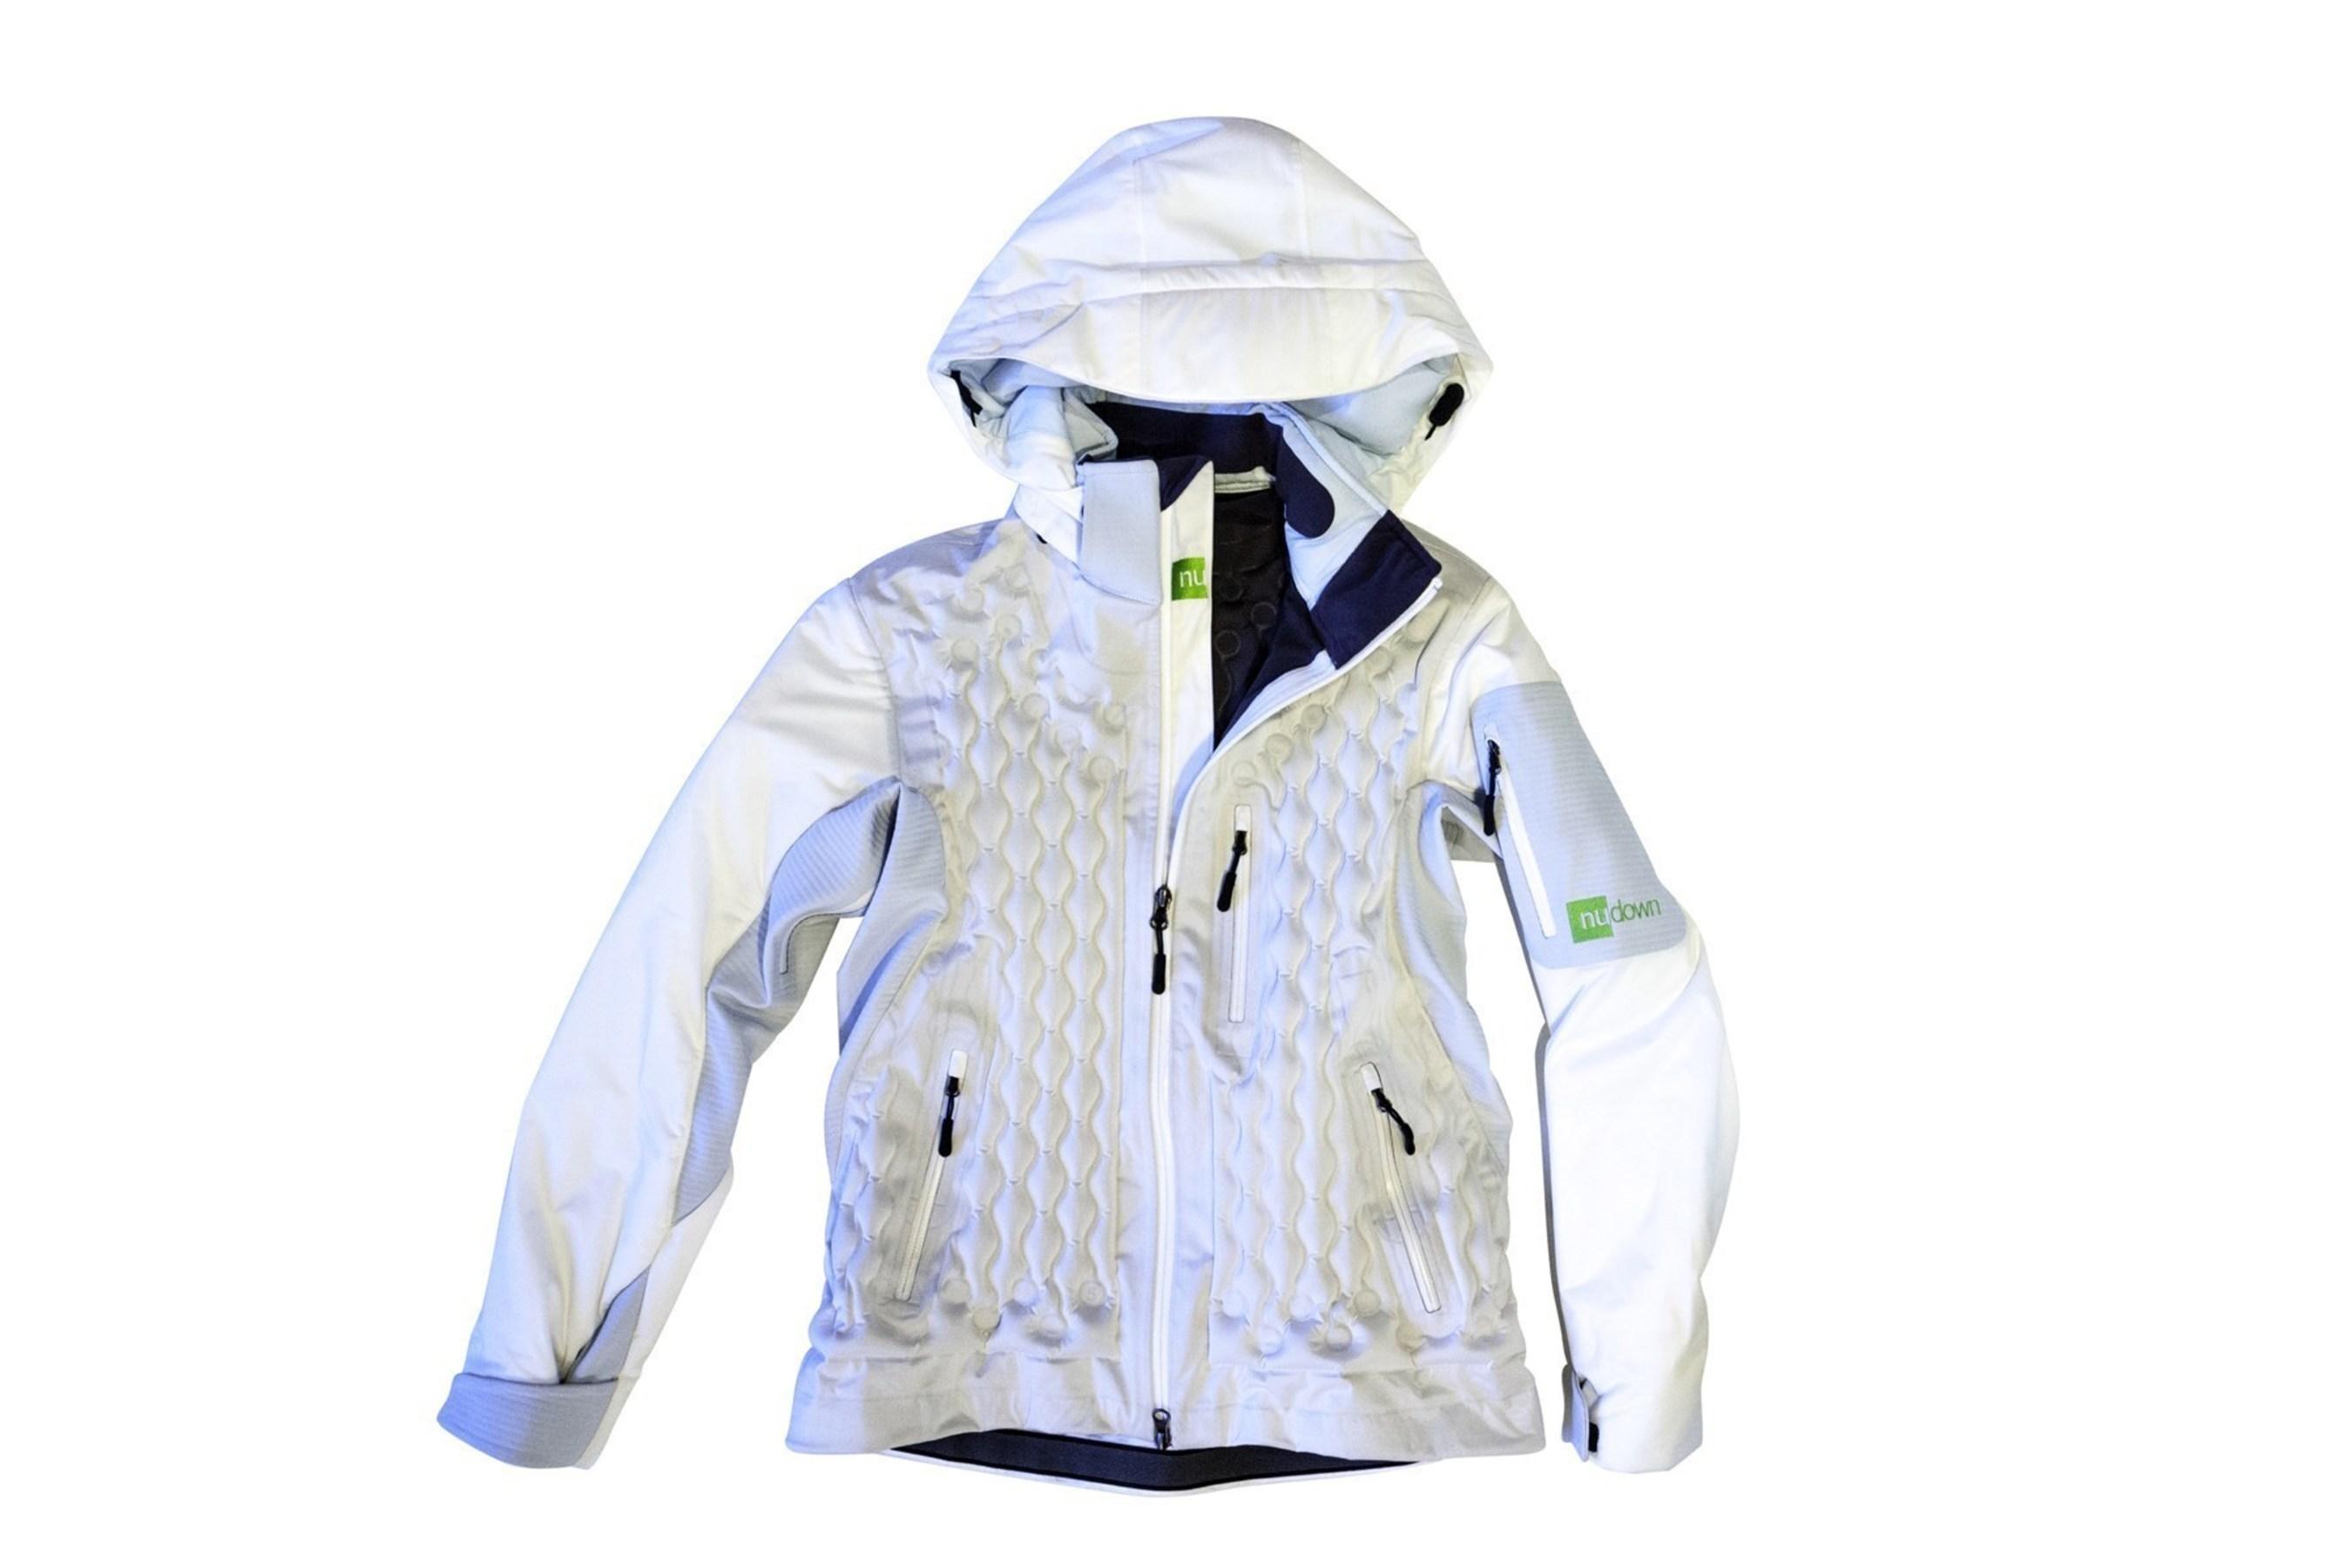 Women's Squaw Peak Jacket, MSRP: $650